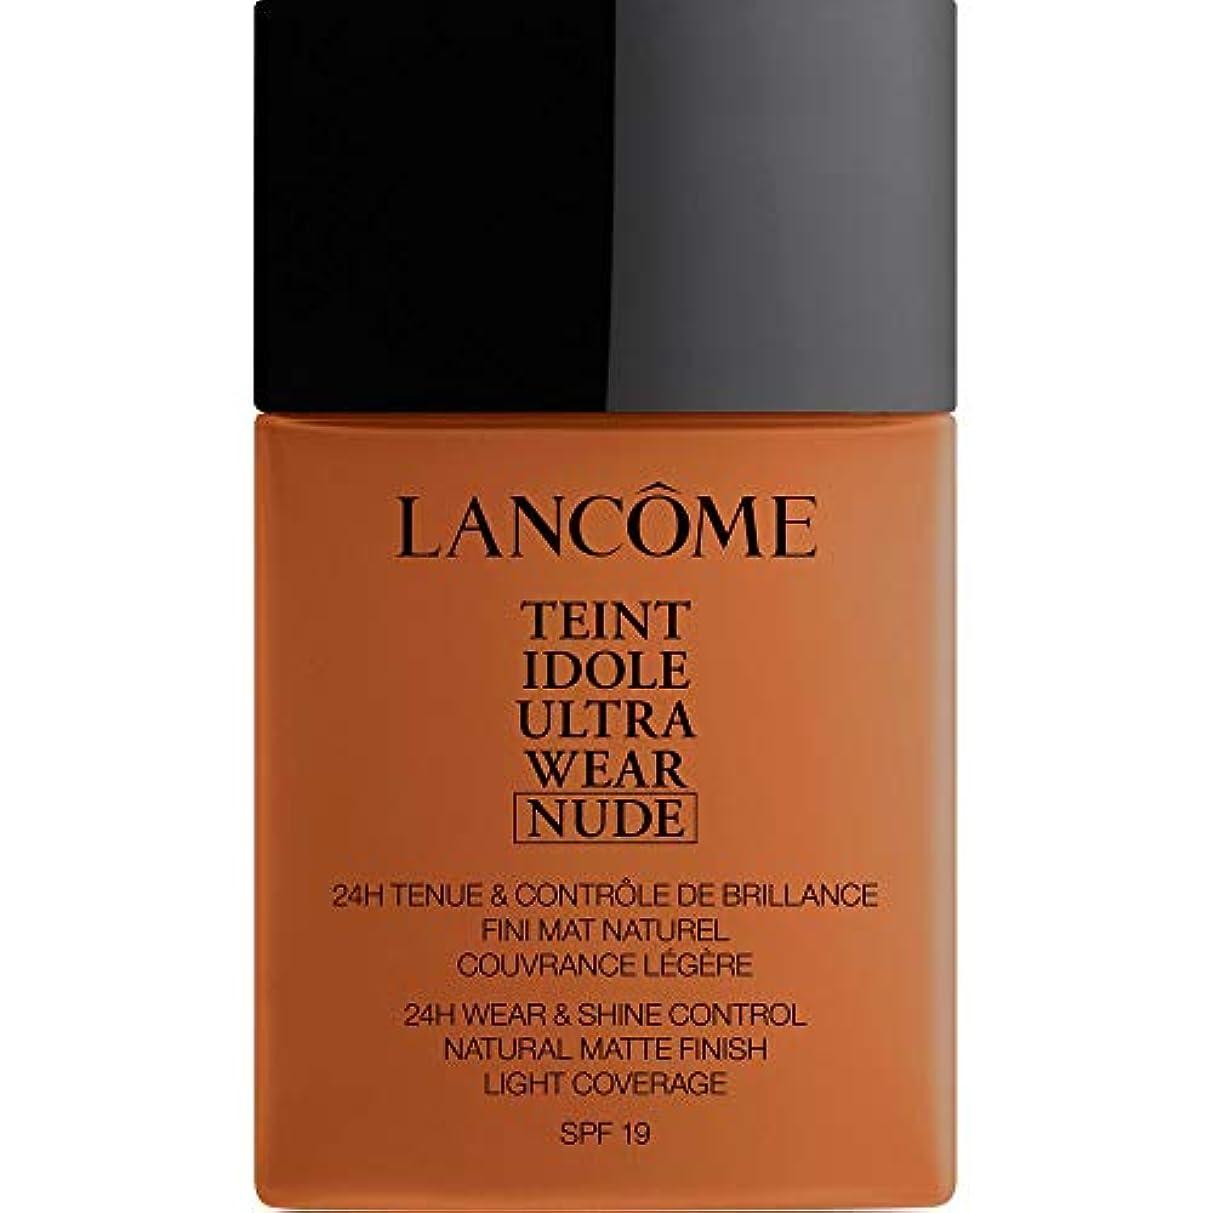 プレゼンテーション涙が出るスタジオ[Lanc?me ] アンブレ - ランコムTeintのIdoleは、超ヌード基礎Spf19の40ミリリットル12を着用します - Lancome Teint Idole Ultra Wear Nude Foundation...